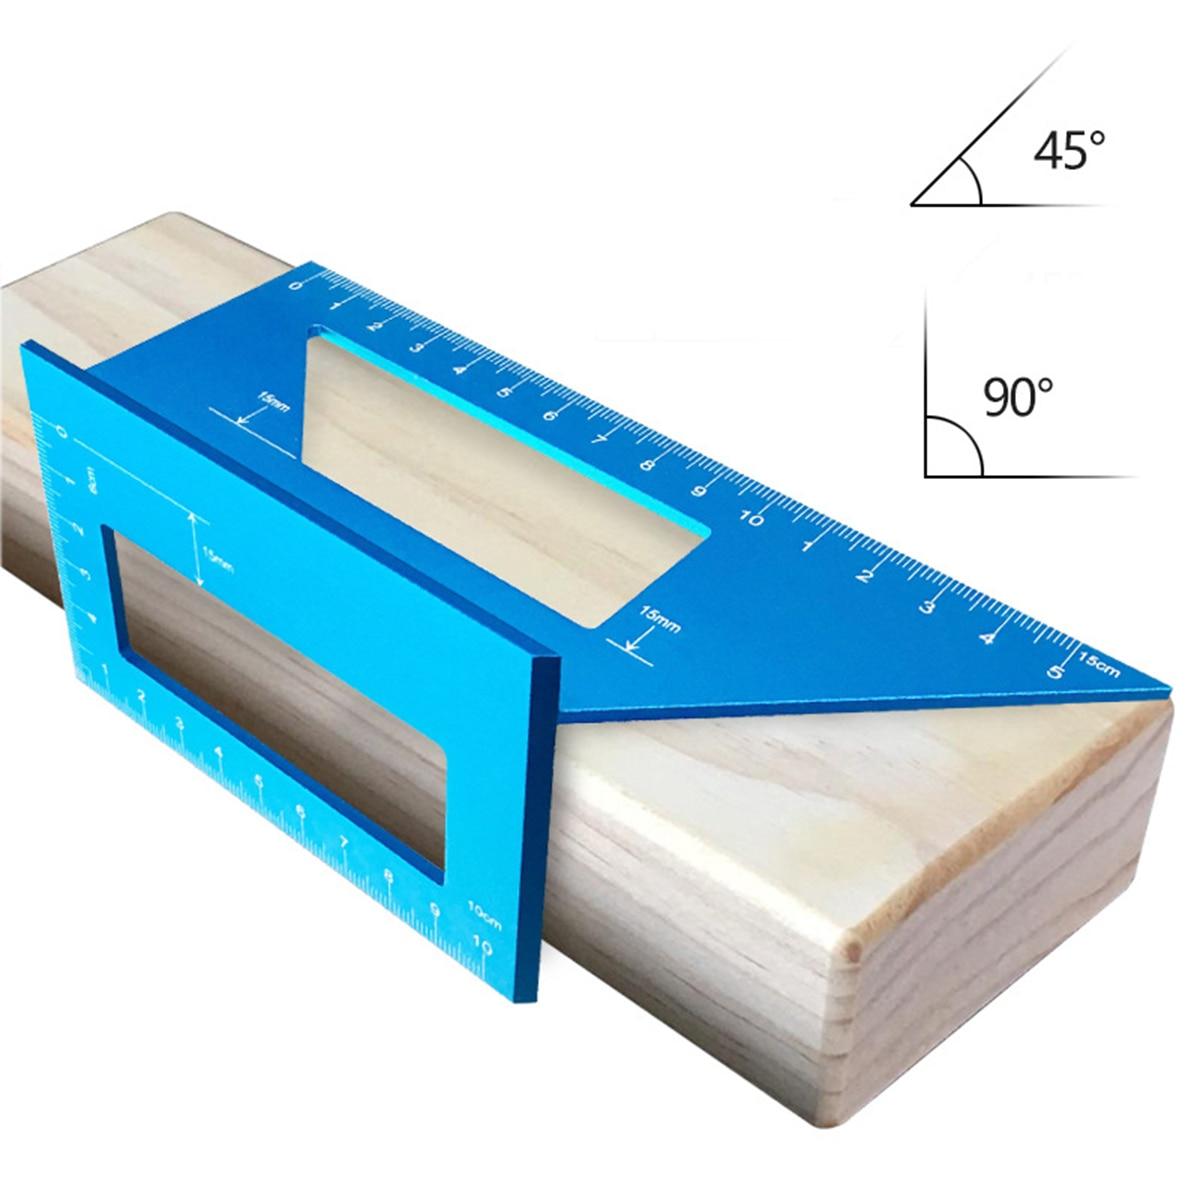 מזגנים רצפתיים סגסוגת האלומיניום ניגרת כיכר משולבת 45 מעלות 90 מעלות מד זווית מד זוית מעל כלים לעיבוד עץ שליט (1)